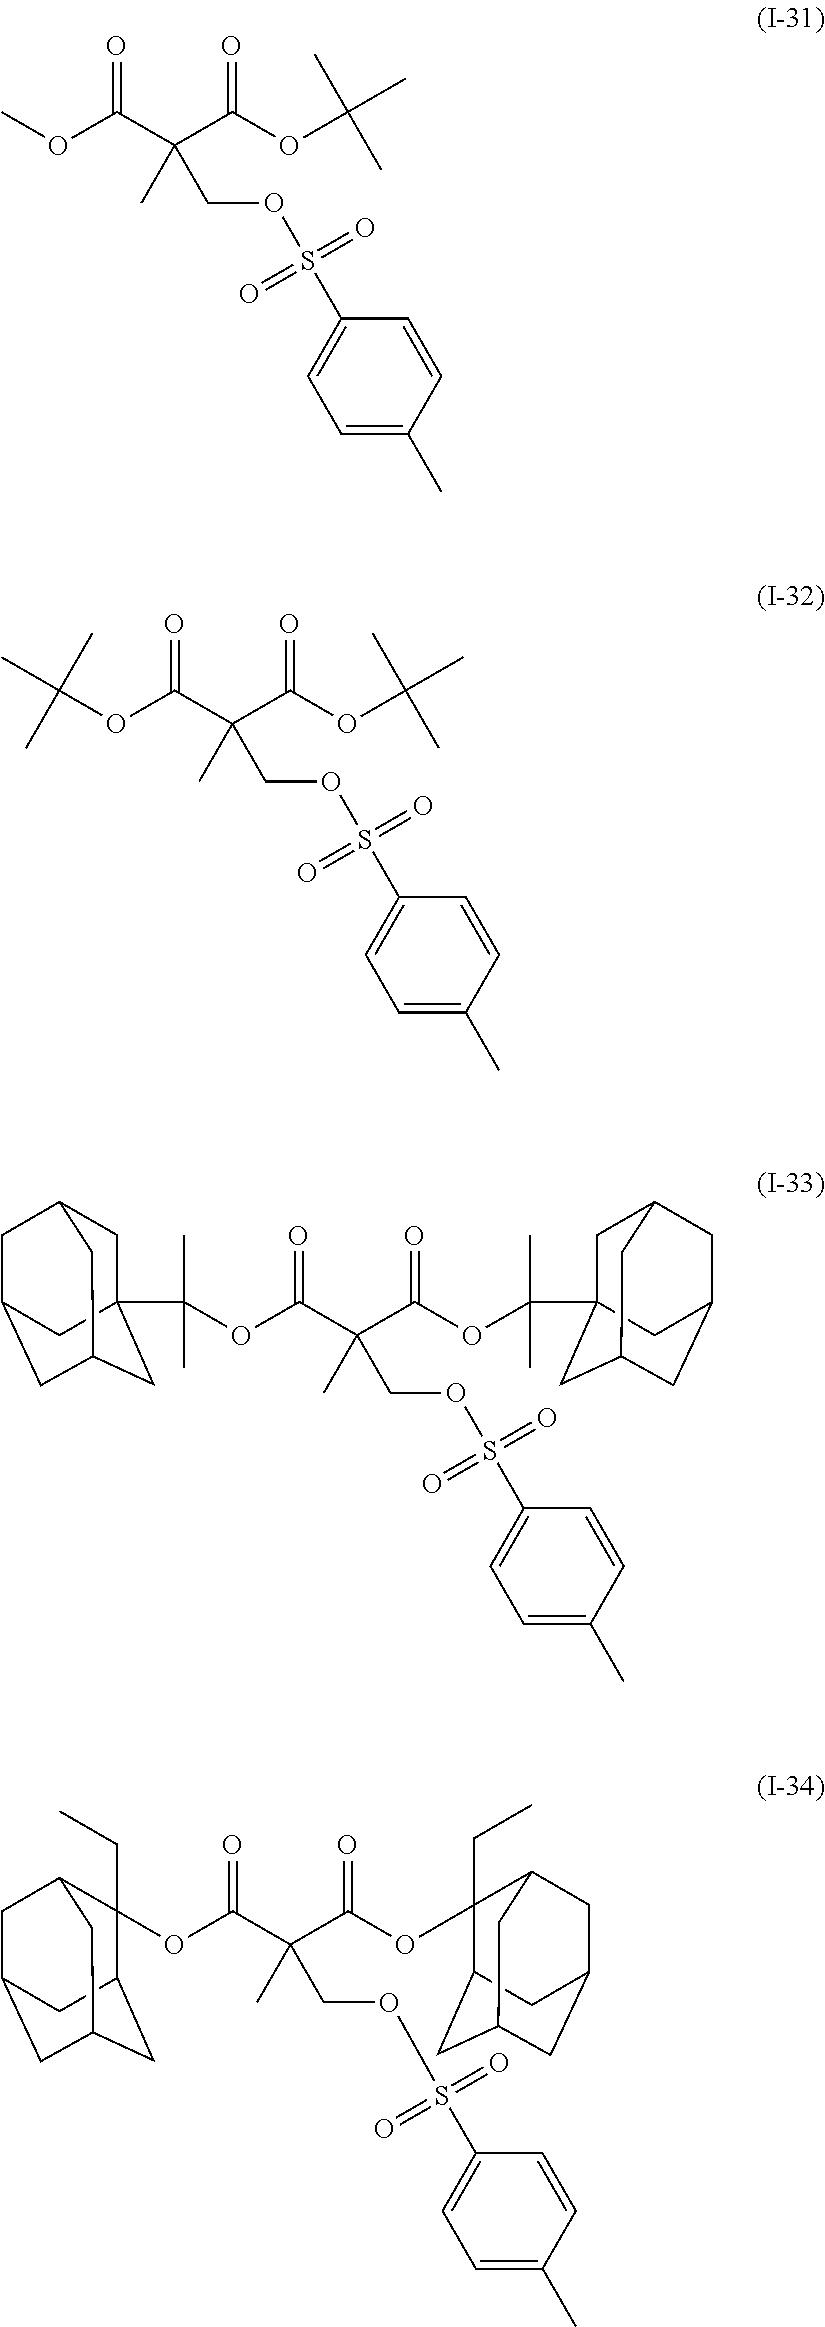 Figure US20110183258A1-20110728-C00089